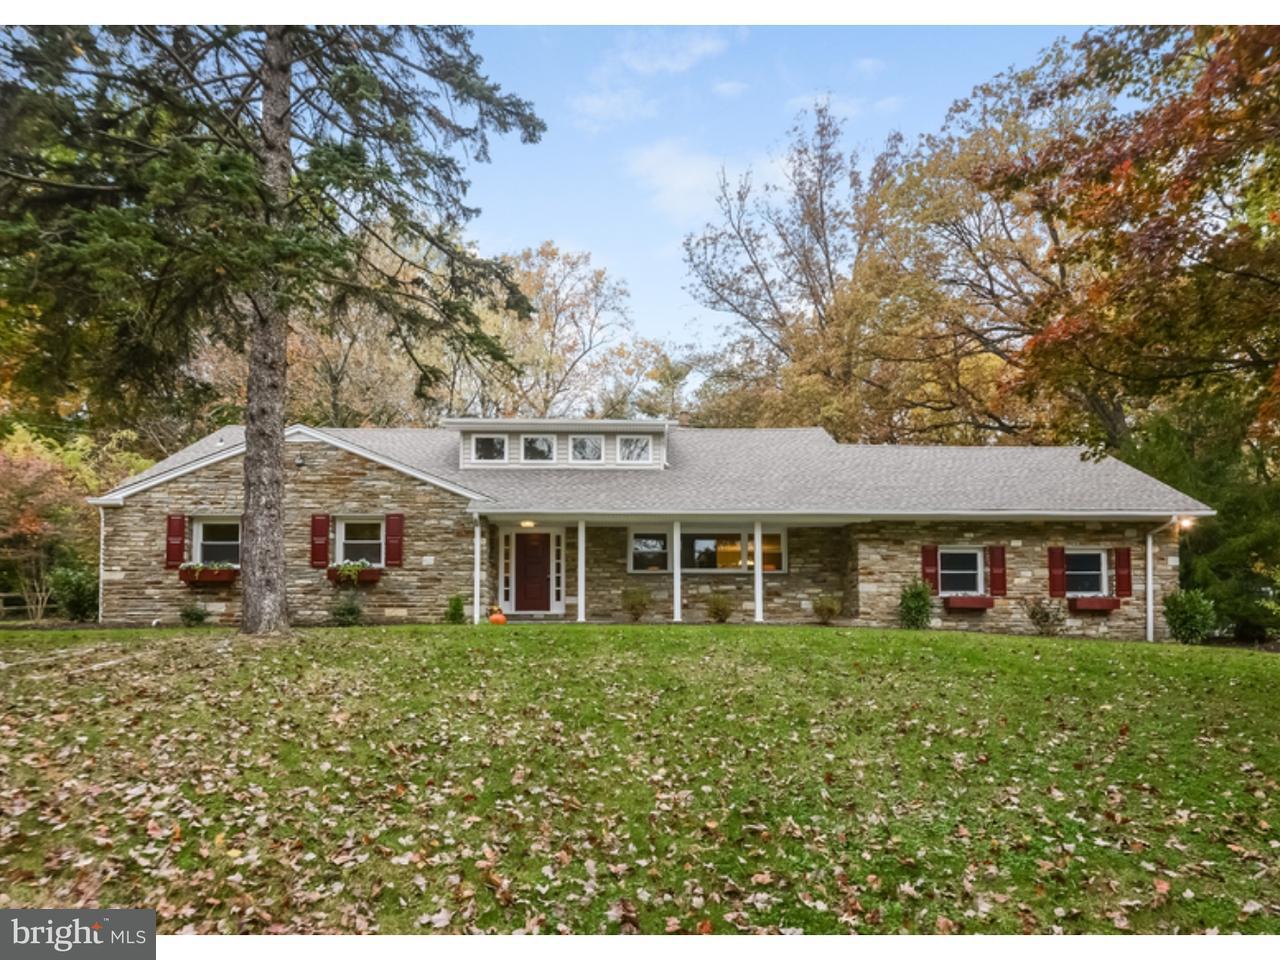 独户住宅 为 销售 在 1682 GRAHAM Road 梅多布鲁克, 宾夕法尼亚州 19046 美国